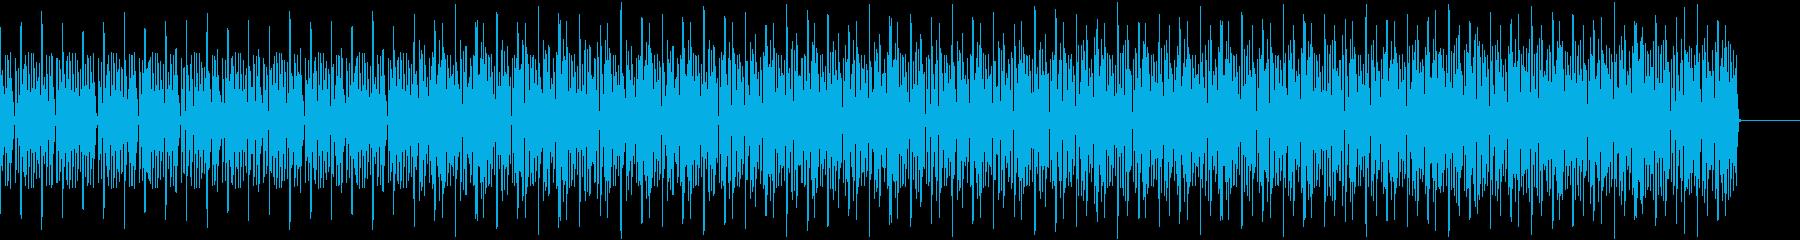 動画 何かをやってみた ときのBGMの再生済みの波形